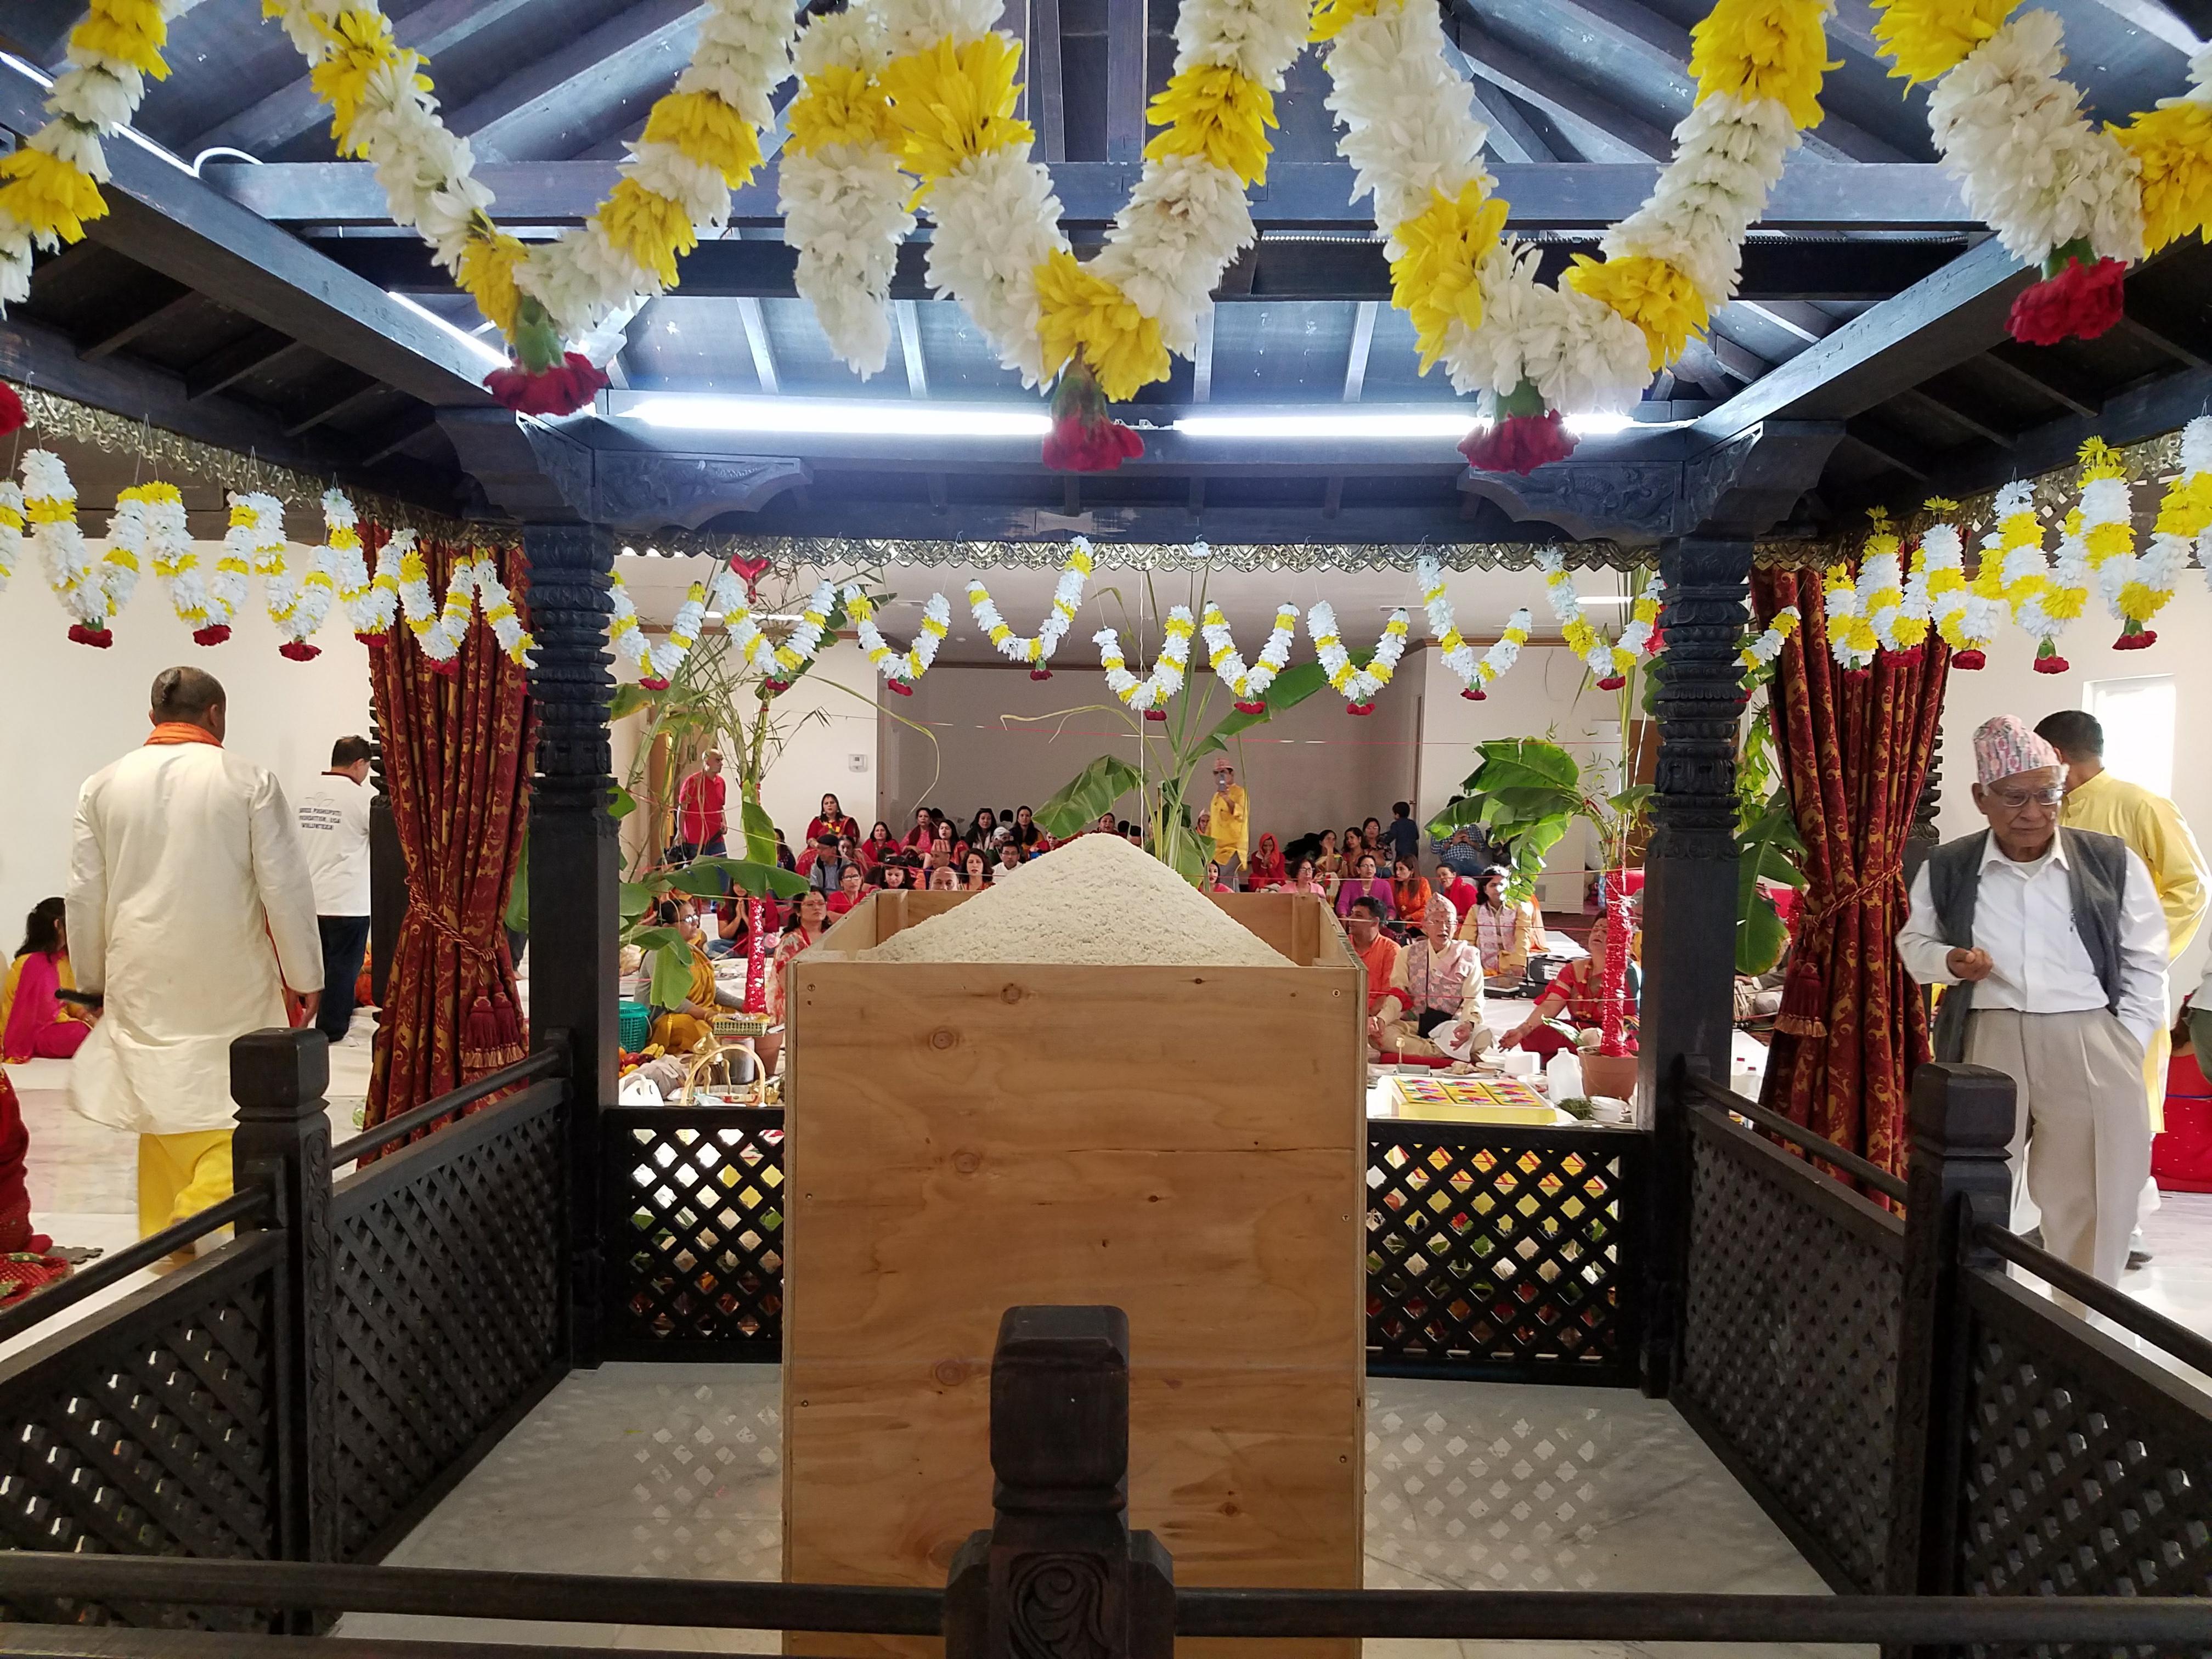 लस एन्जलस पशुपतिनाथ मन्दिरमा प्राण प्रतिष्ठा पूजाको पहिलो दिन सम्पन्न